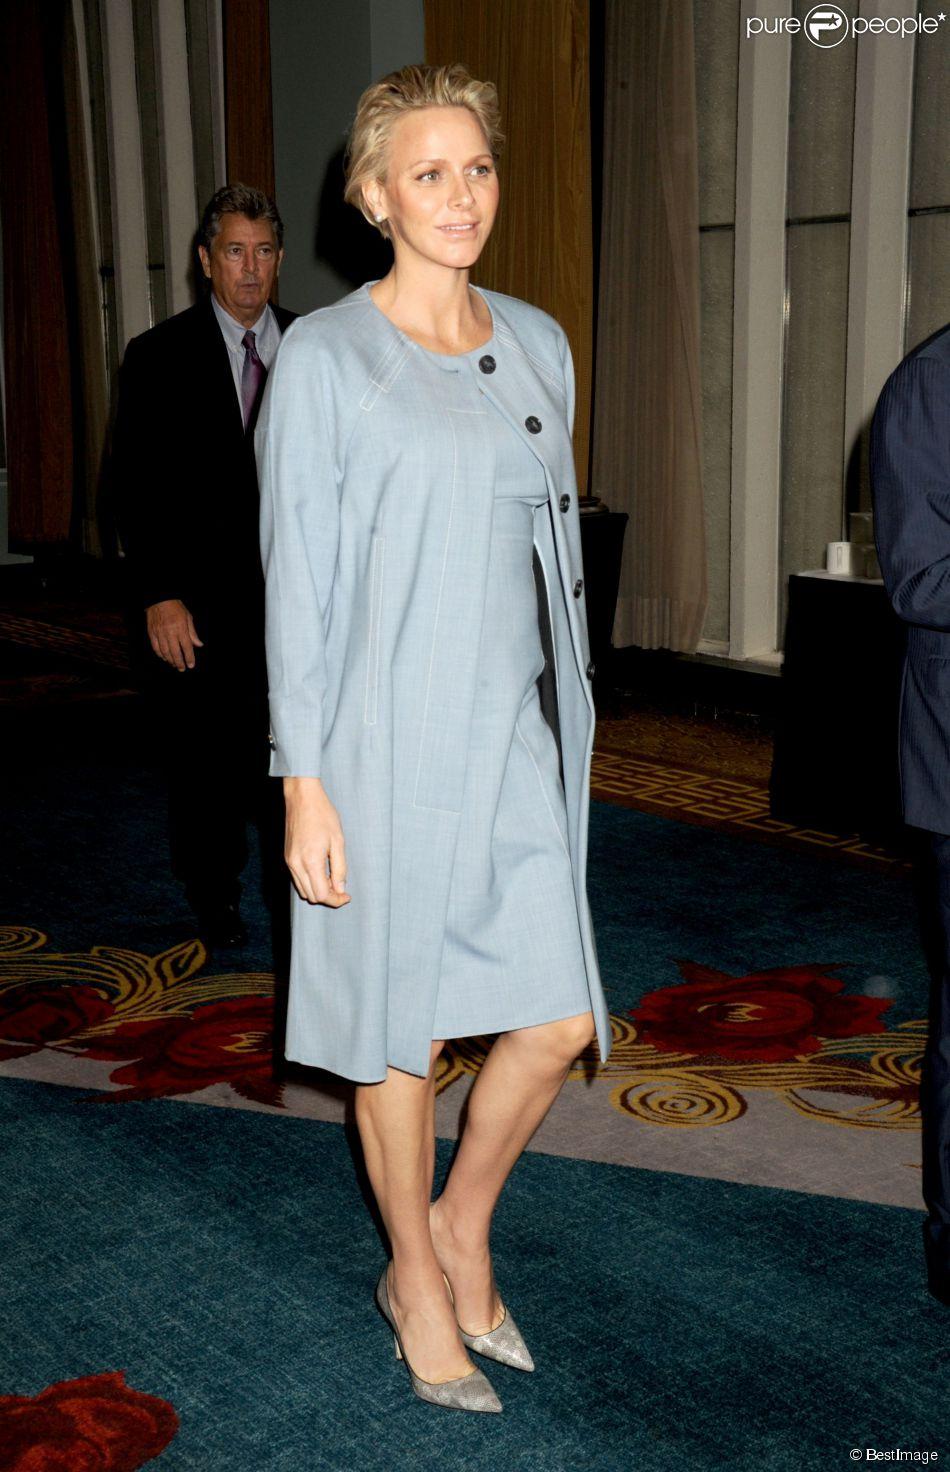 La princesse Charlene de Monaco, enceinte de près de 7 mois, lors de la soirée du 7e Forum mondial sur l'autisme à New York le 25 septembre 2014